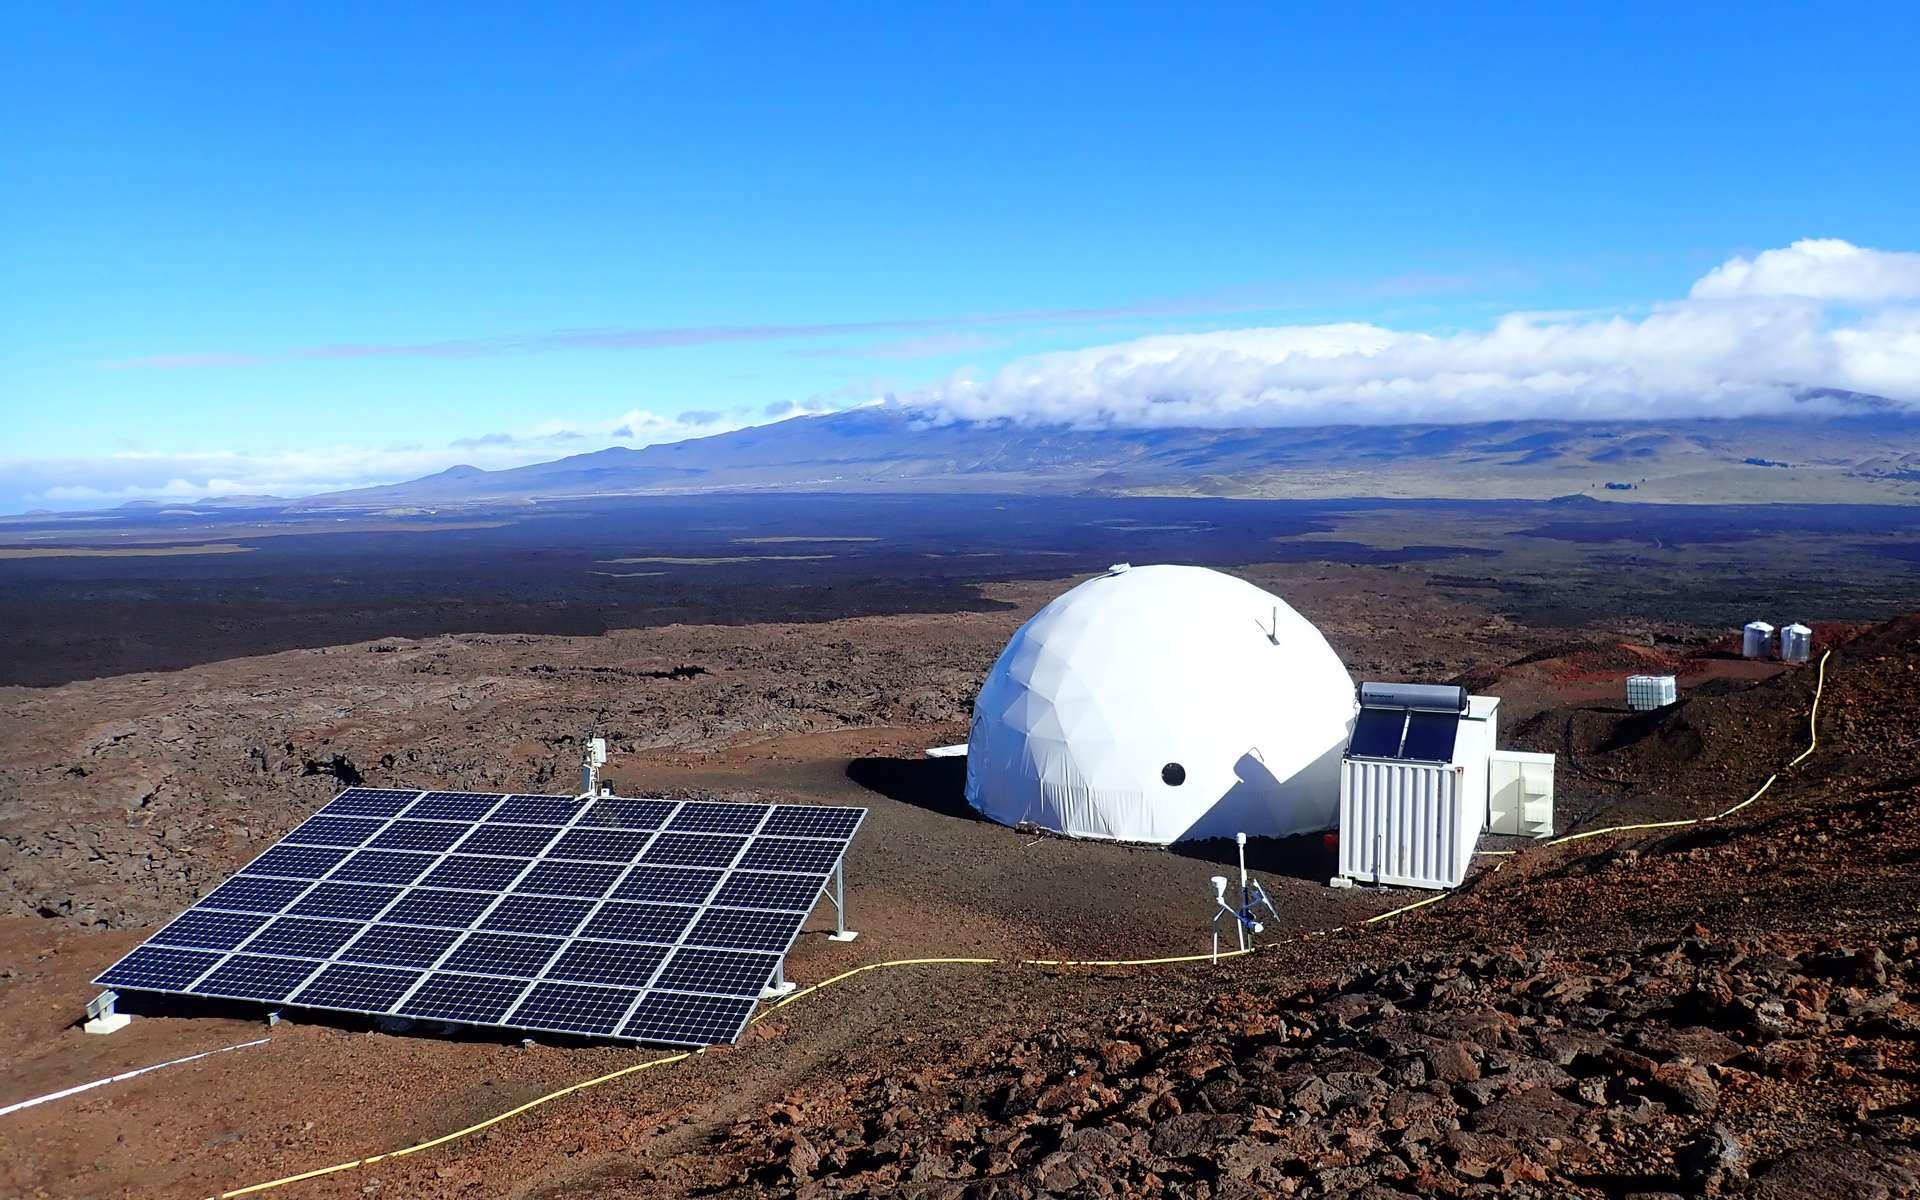 Sur les pentes du volcan Mauna Loa (Hawaï), des chercheurs passent des jours ou des mois dans le dôme de l'Hawai'i Space Exploration Analog and Simulation (HI-SEAS) pour comprendre comme les futurs colons humains pourront vivre sur la Lune ou sur Mars. © HI-SEAS